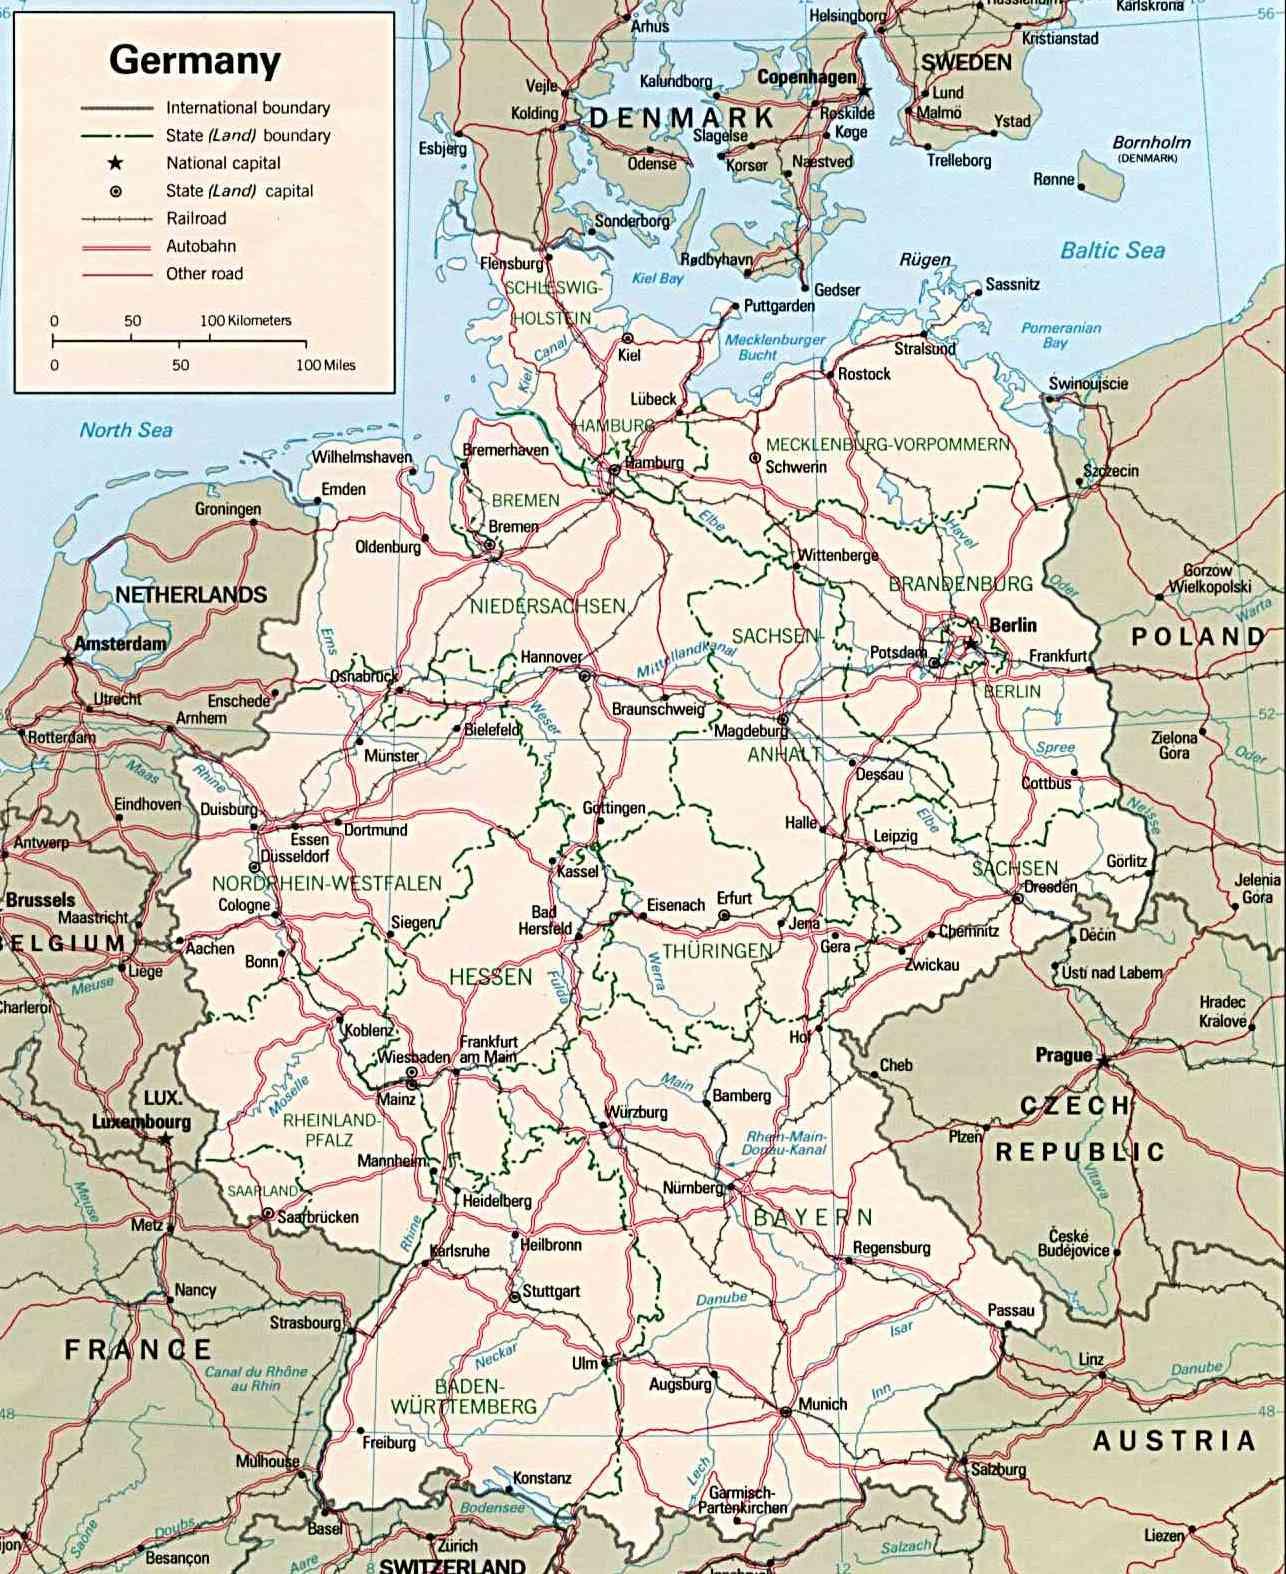 Mapa de Alemania - Guia de Alemania